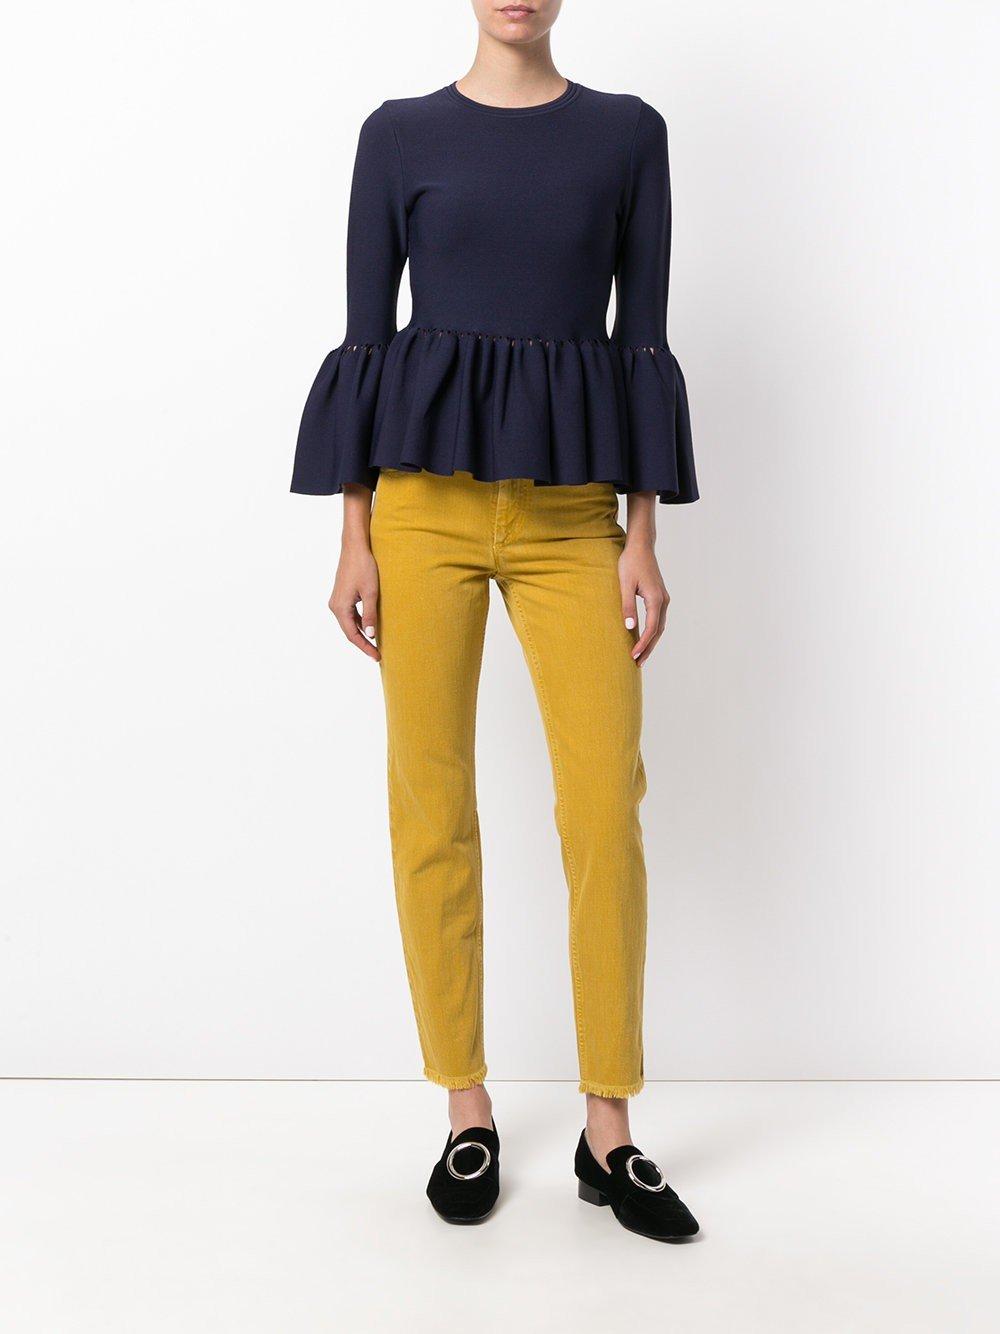 878310e216e Самые модные цвета в одежде осень зима 2019 2020 72 фото